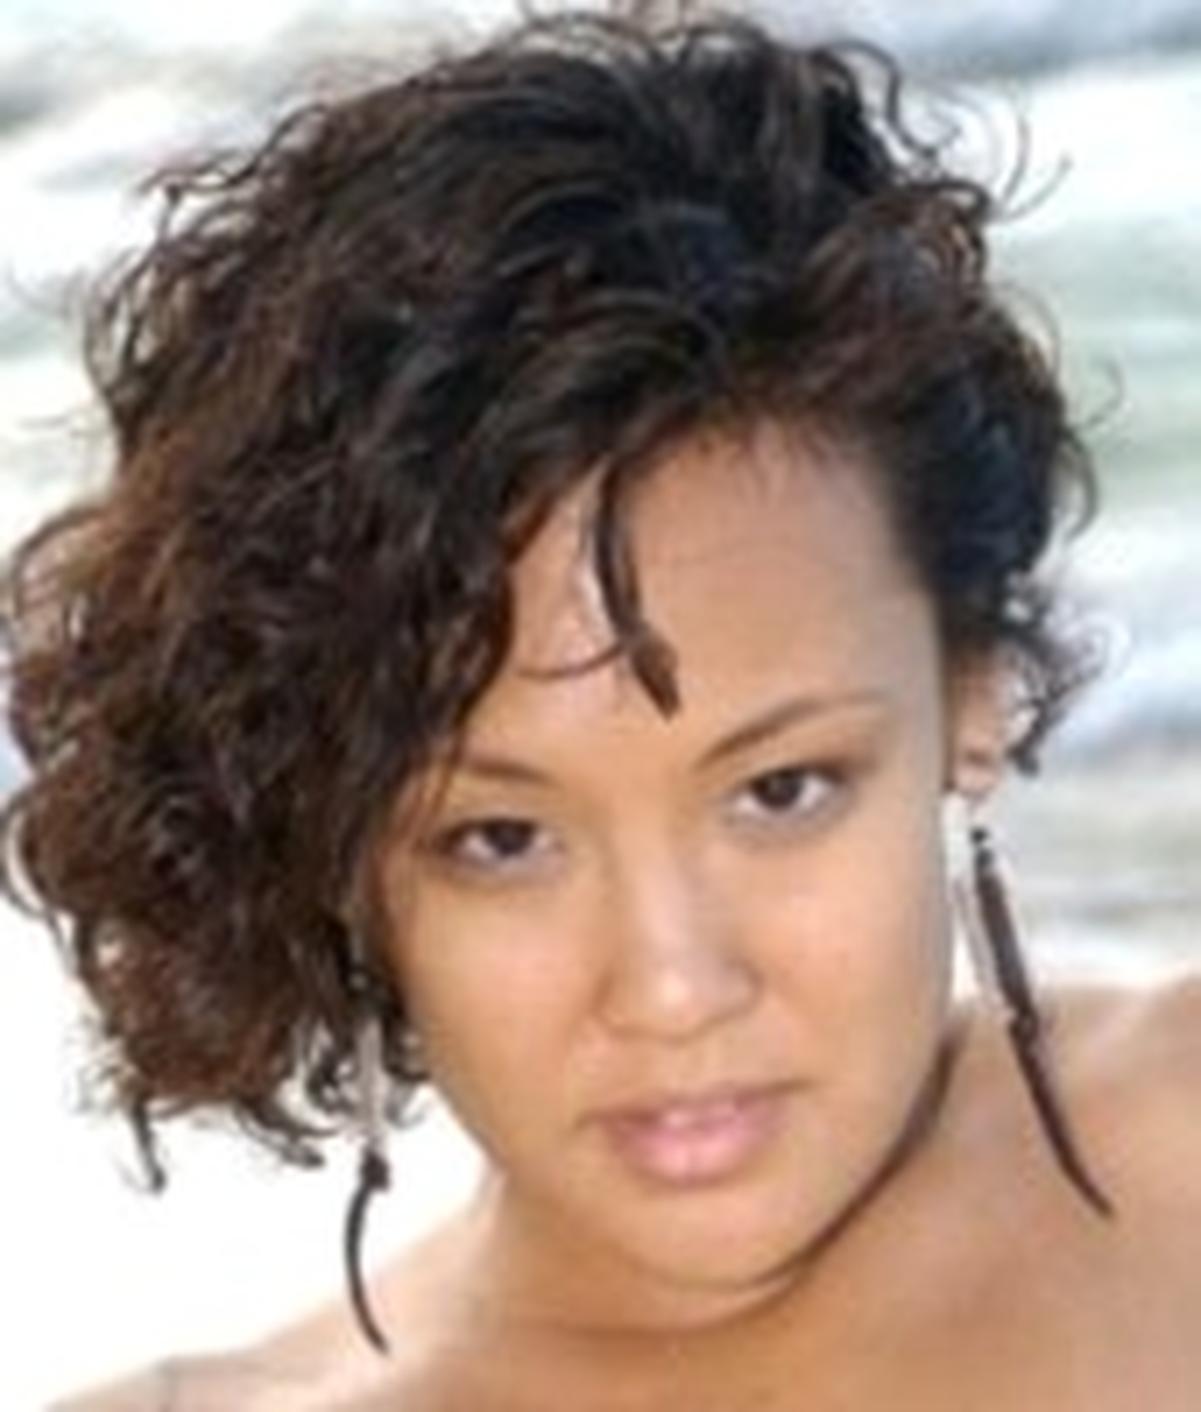 Jandi Lin naked 250